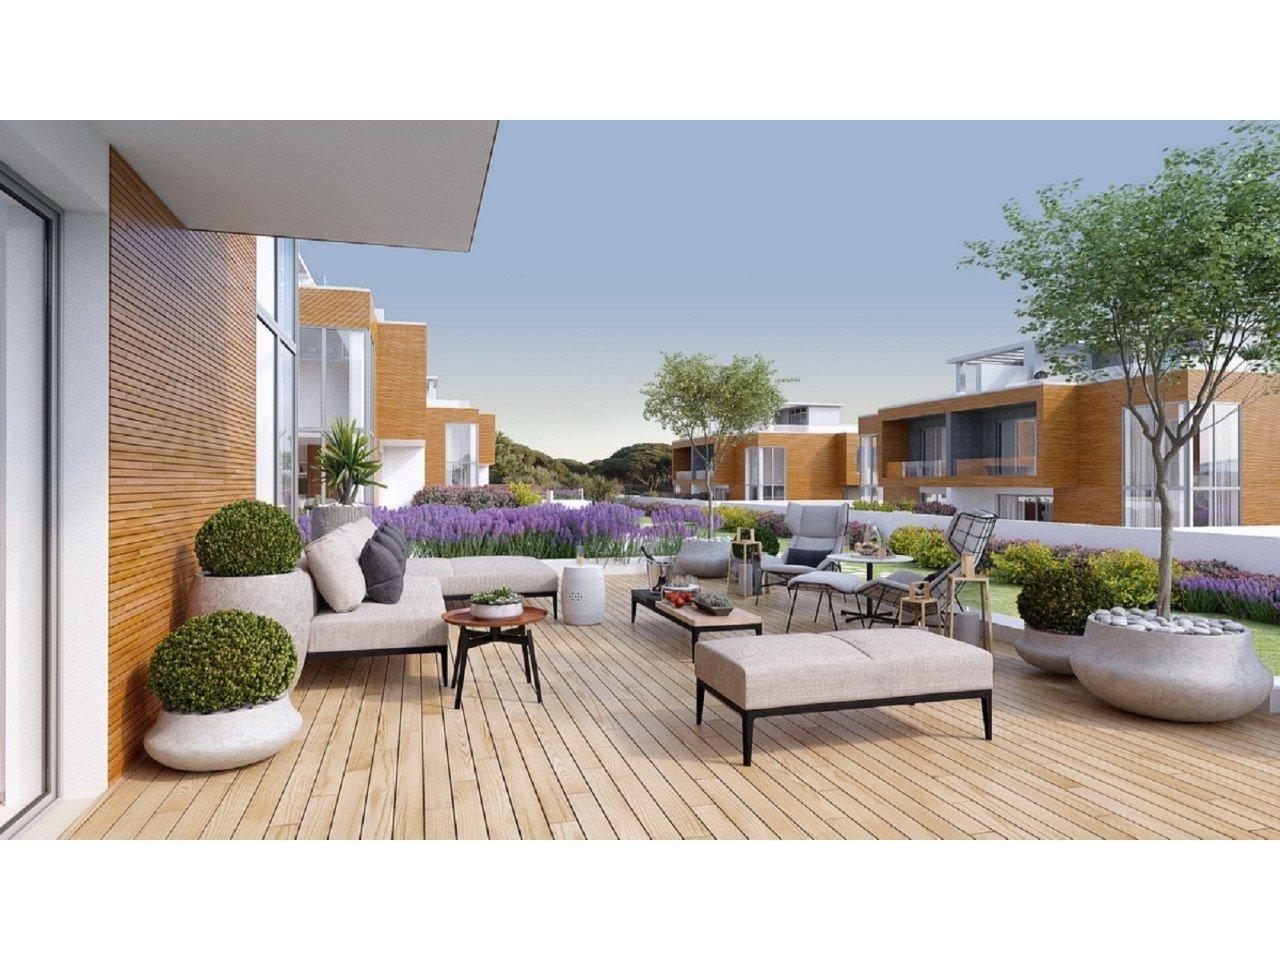 5 Bedroom Villa Cascais, Lisbon Ref: AVM246